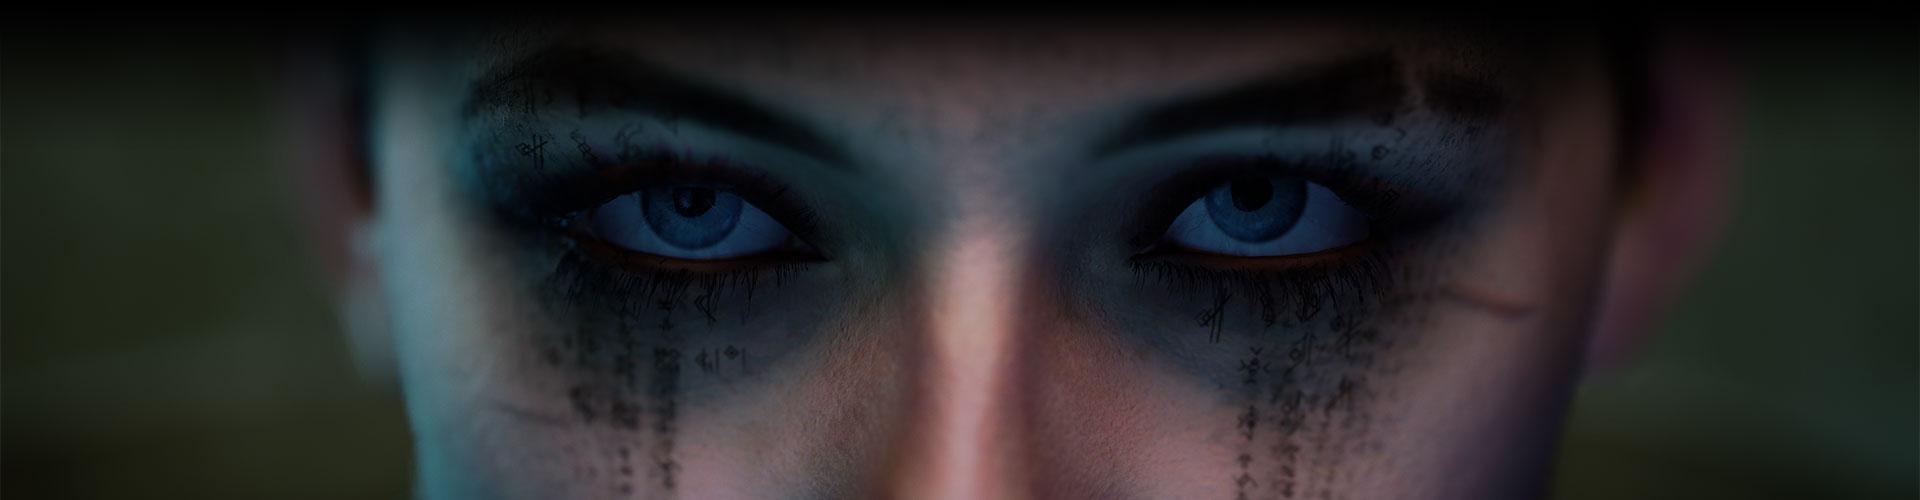 Nara olha em a frente com manchas negras nos olhos.